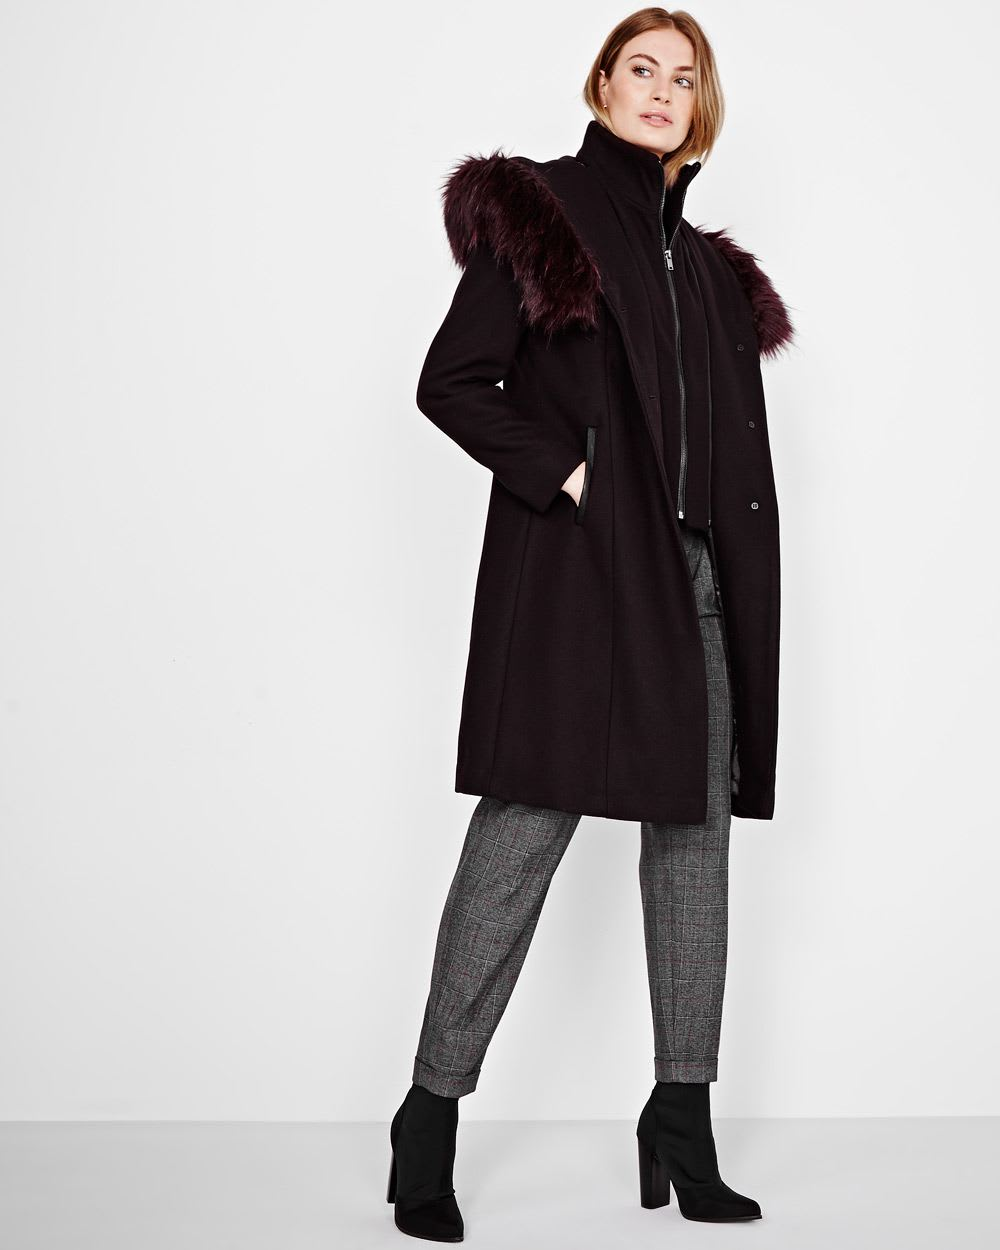 Manteau en mélange de laine avec col en fausse fourrure   RW CO. 8c573848deda